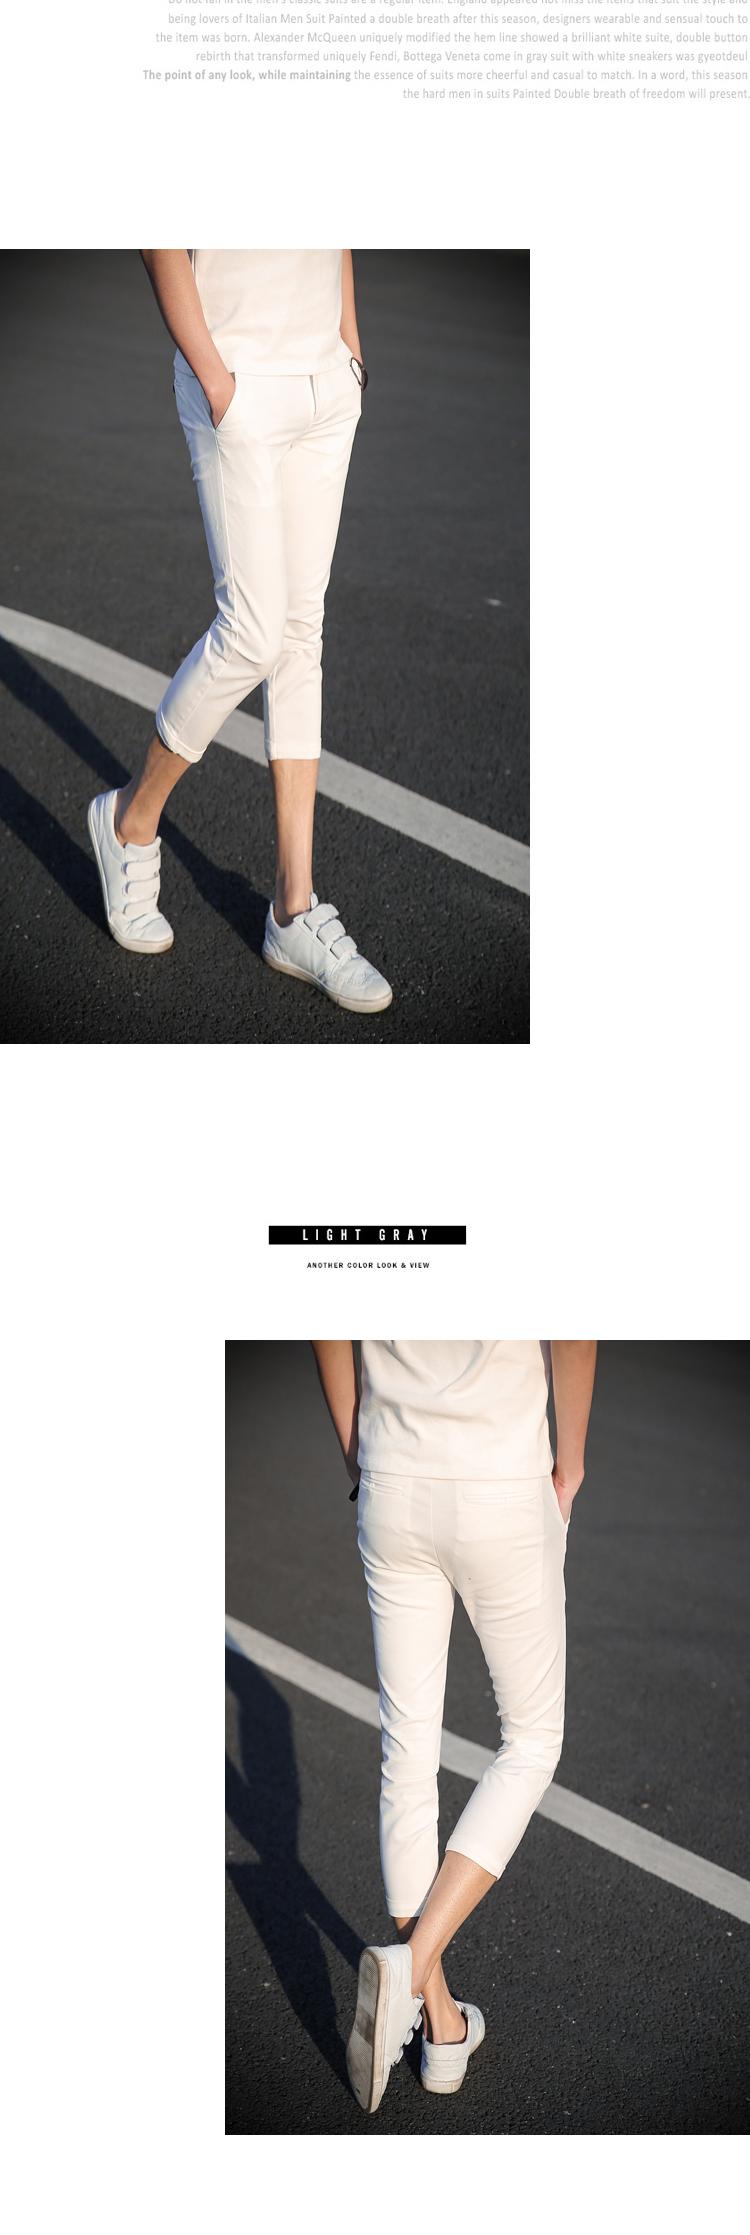 Mùa hè quần âu thủy triều mỏng quần short sinh viên nam Hàn Quốc phiên bản của cắt quần thanh niên stretch Slim feet 7 quần